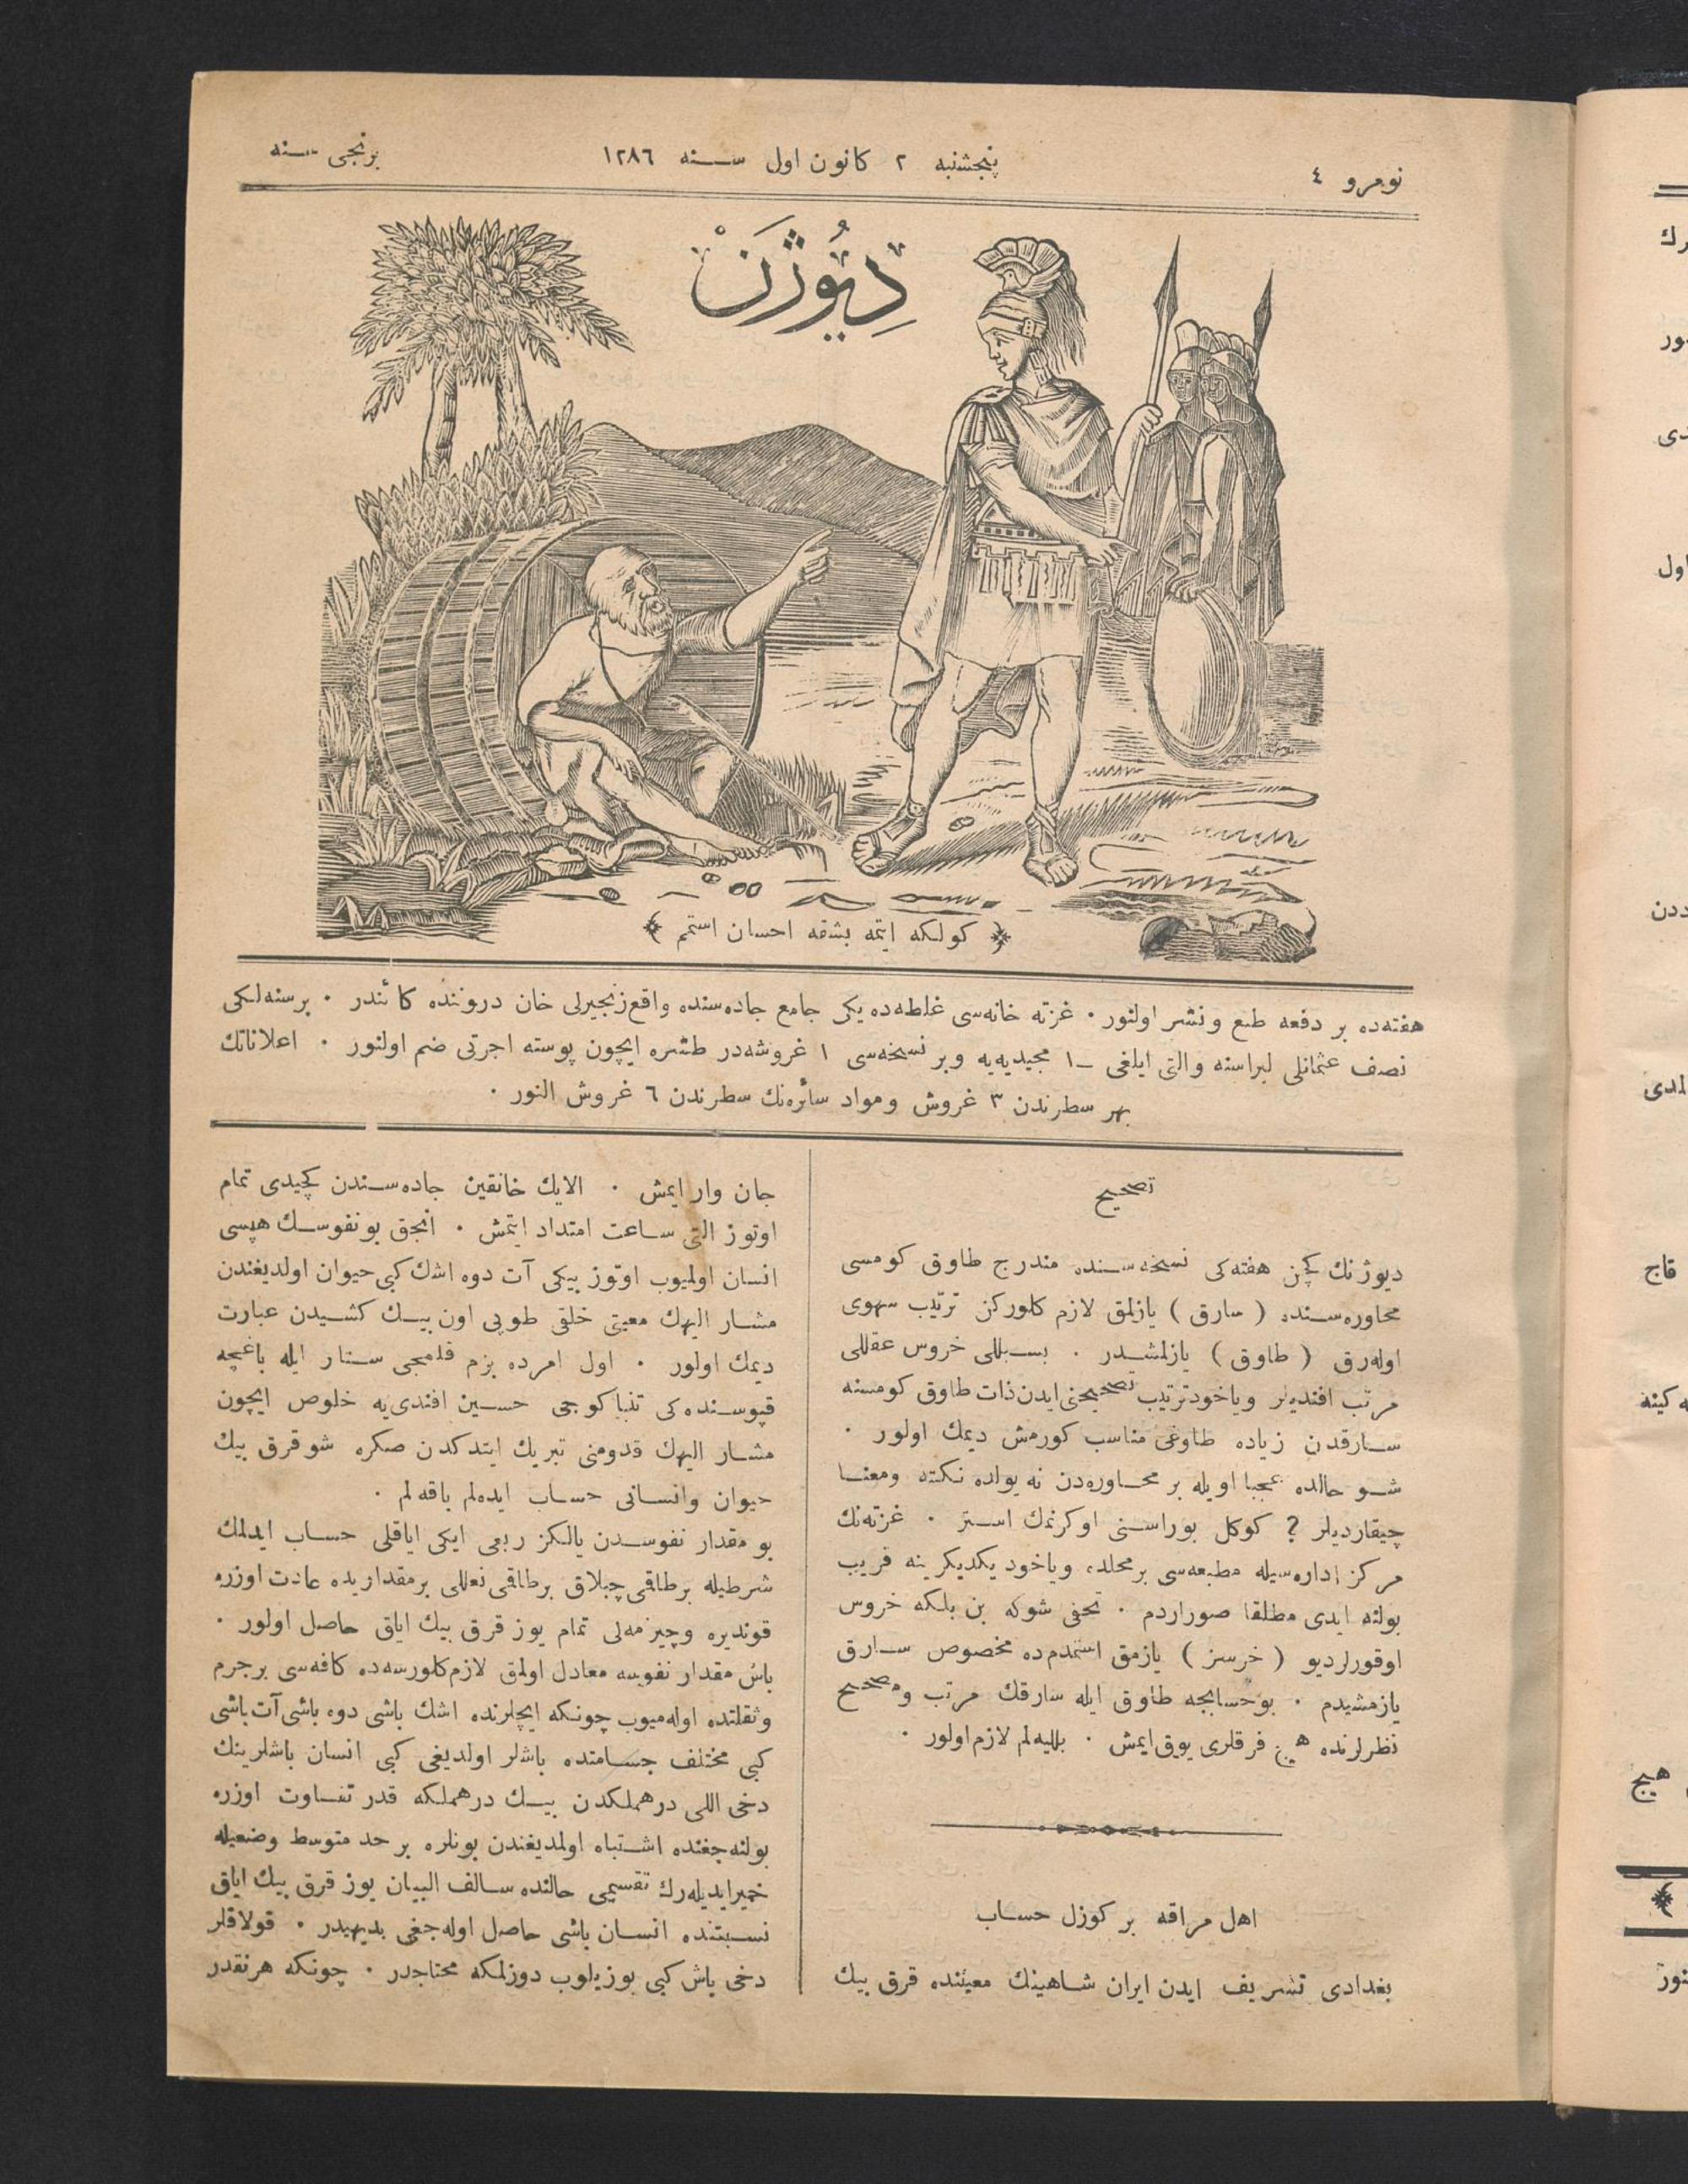 14 Aralık 1870 Tarihli Diyojen Dergisi Sayfa 1